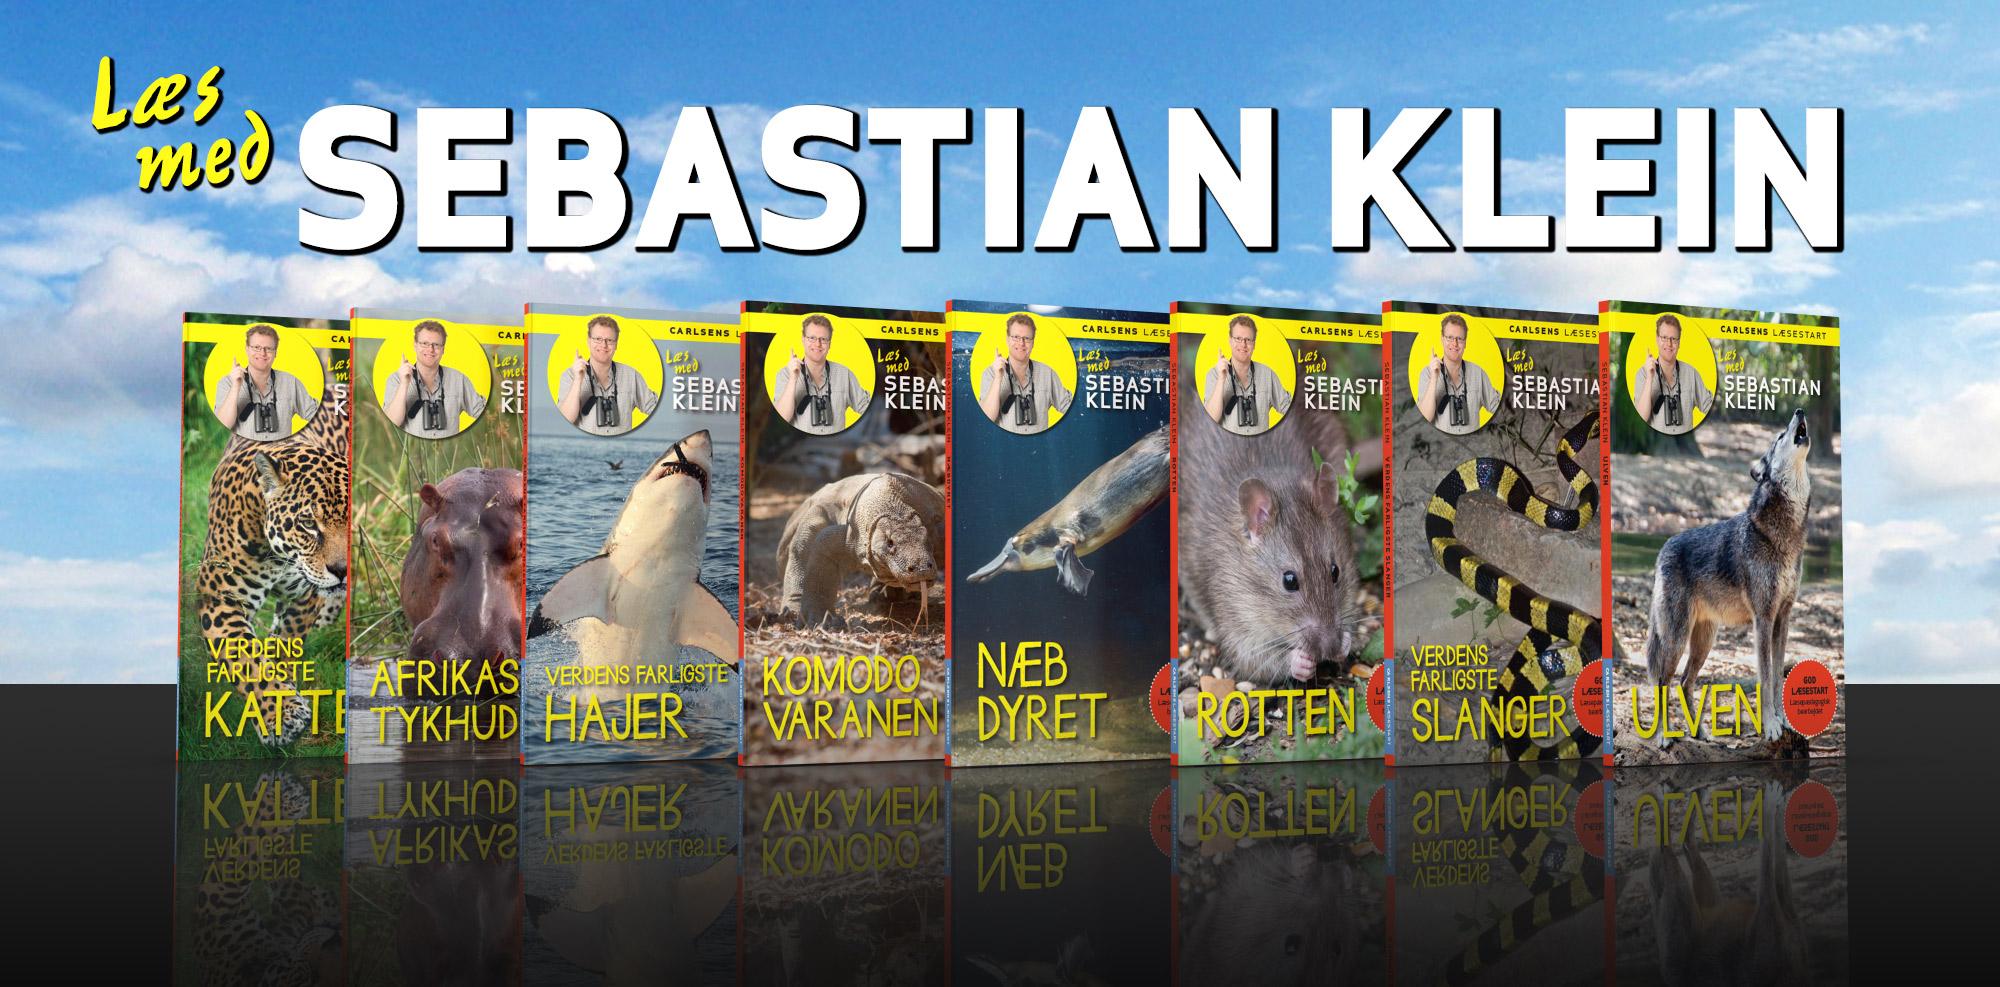 Læs med Sebastian Klein, Sebastian Klein, faglig læsning, letlæsning